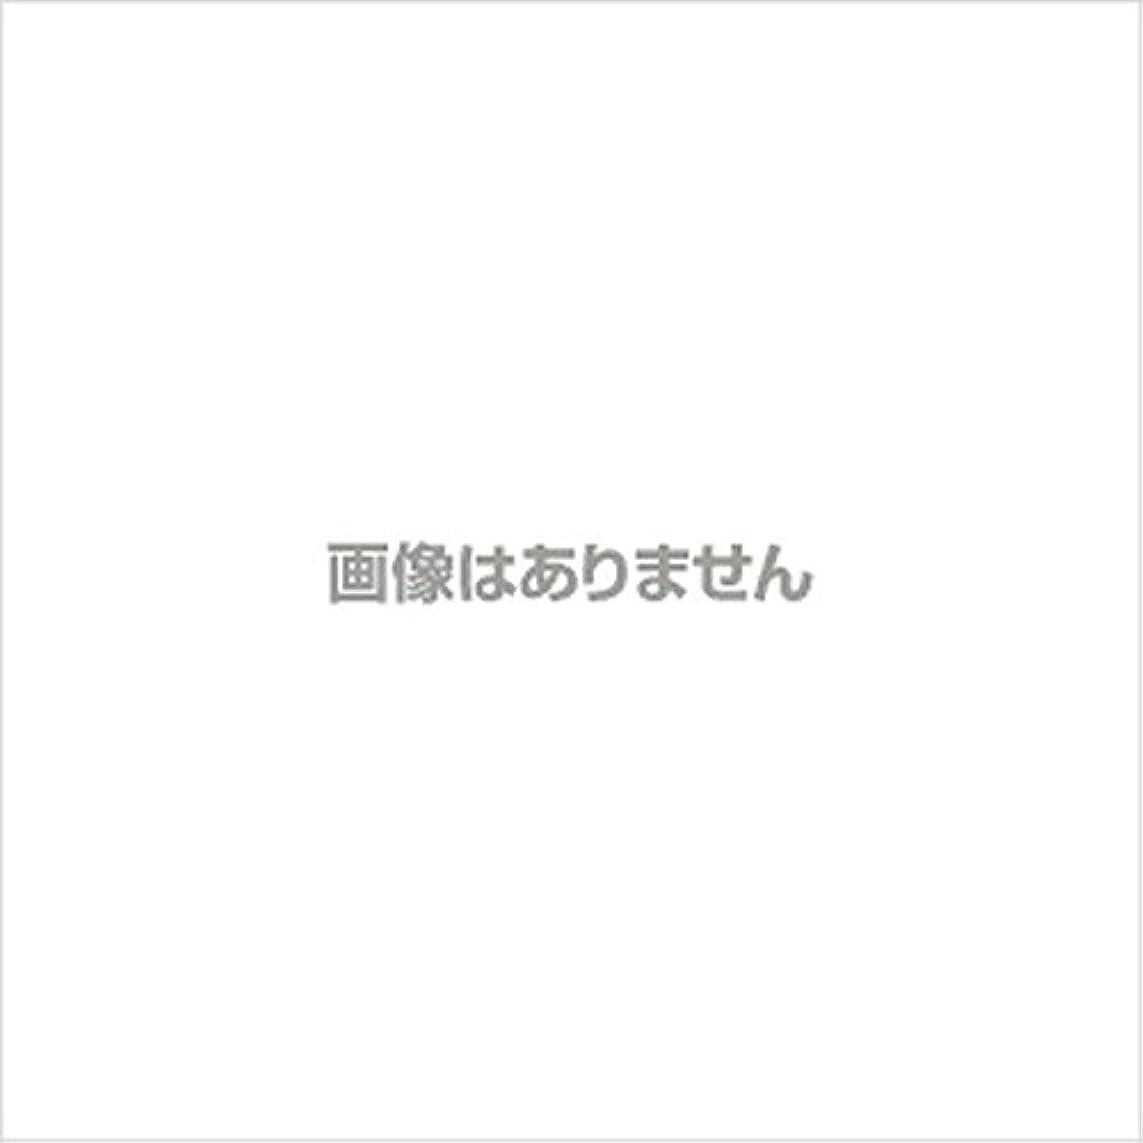 経由で決してレビューニュージャスト ヘルパーグローブ S(500枚入) 【商品コード】4010300